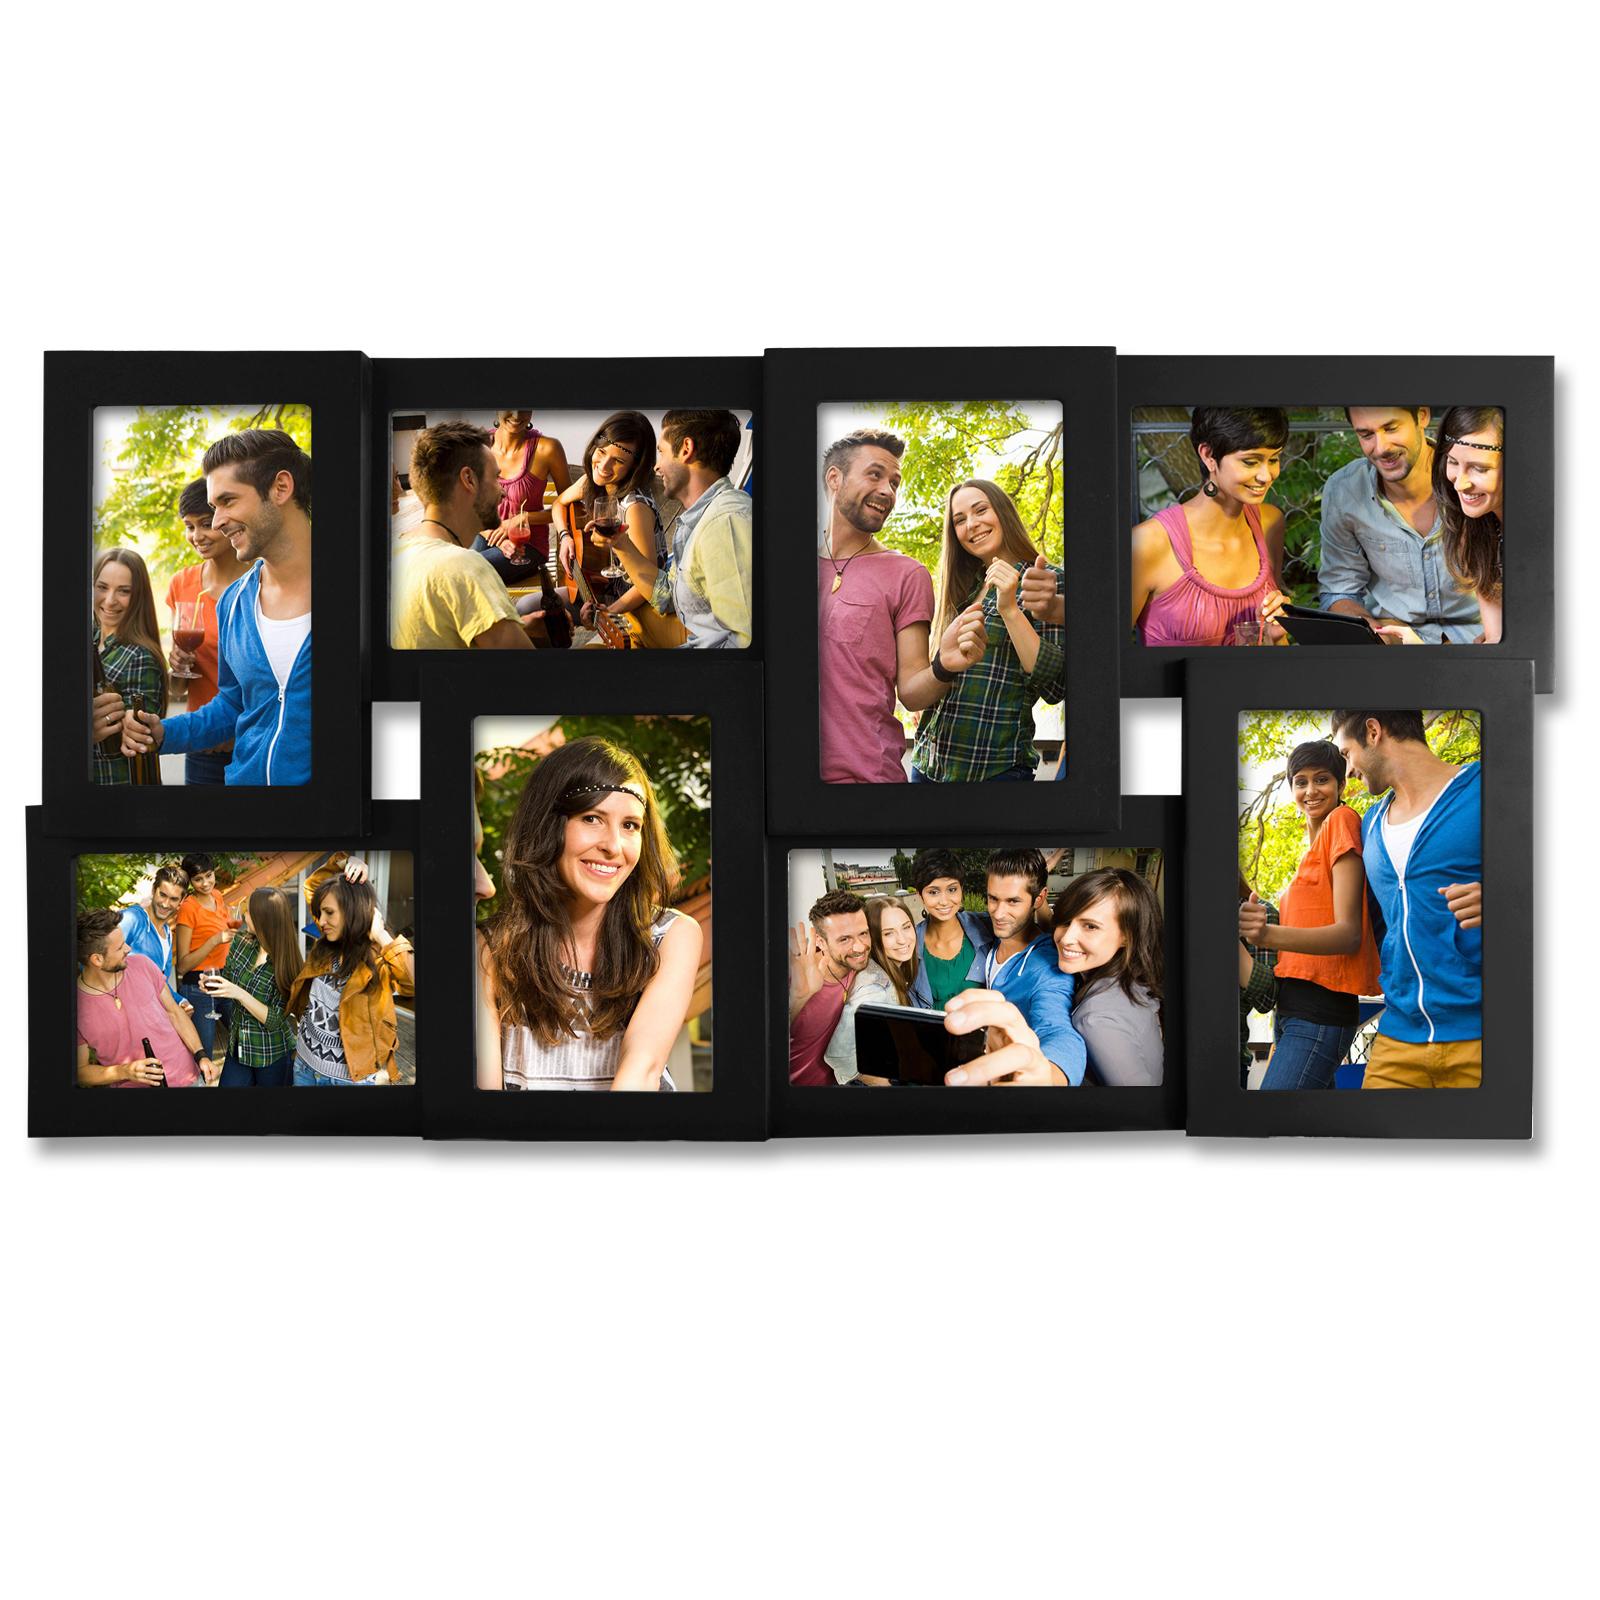 Beste 8x10 Und 5x7 Collage Bilderrahmen Ideen - Benutzerdefinierte ...